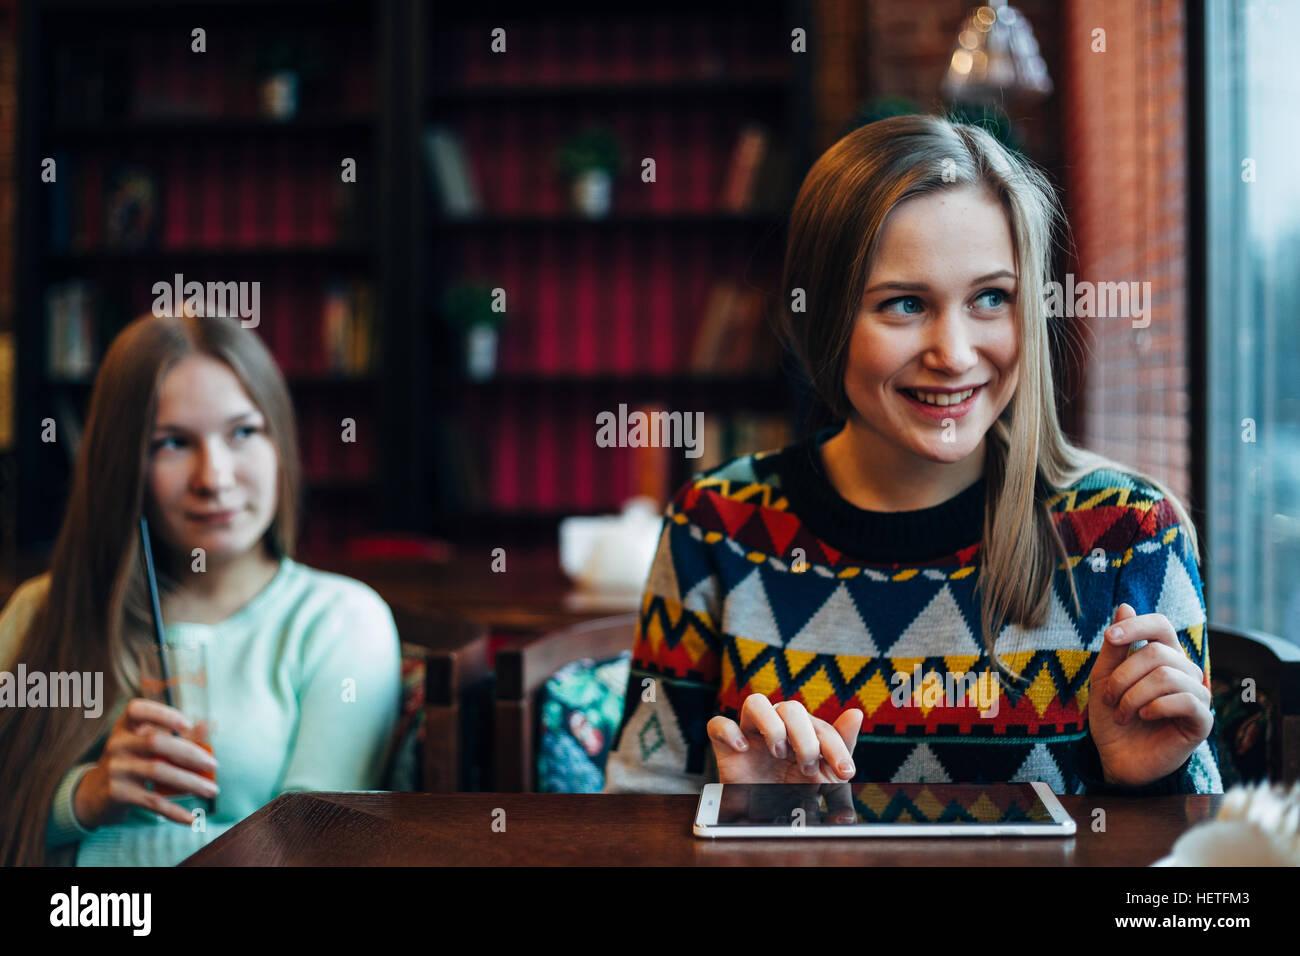 Freundinnen in ein Café zu kommunizieren Stockfoto